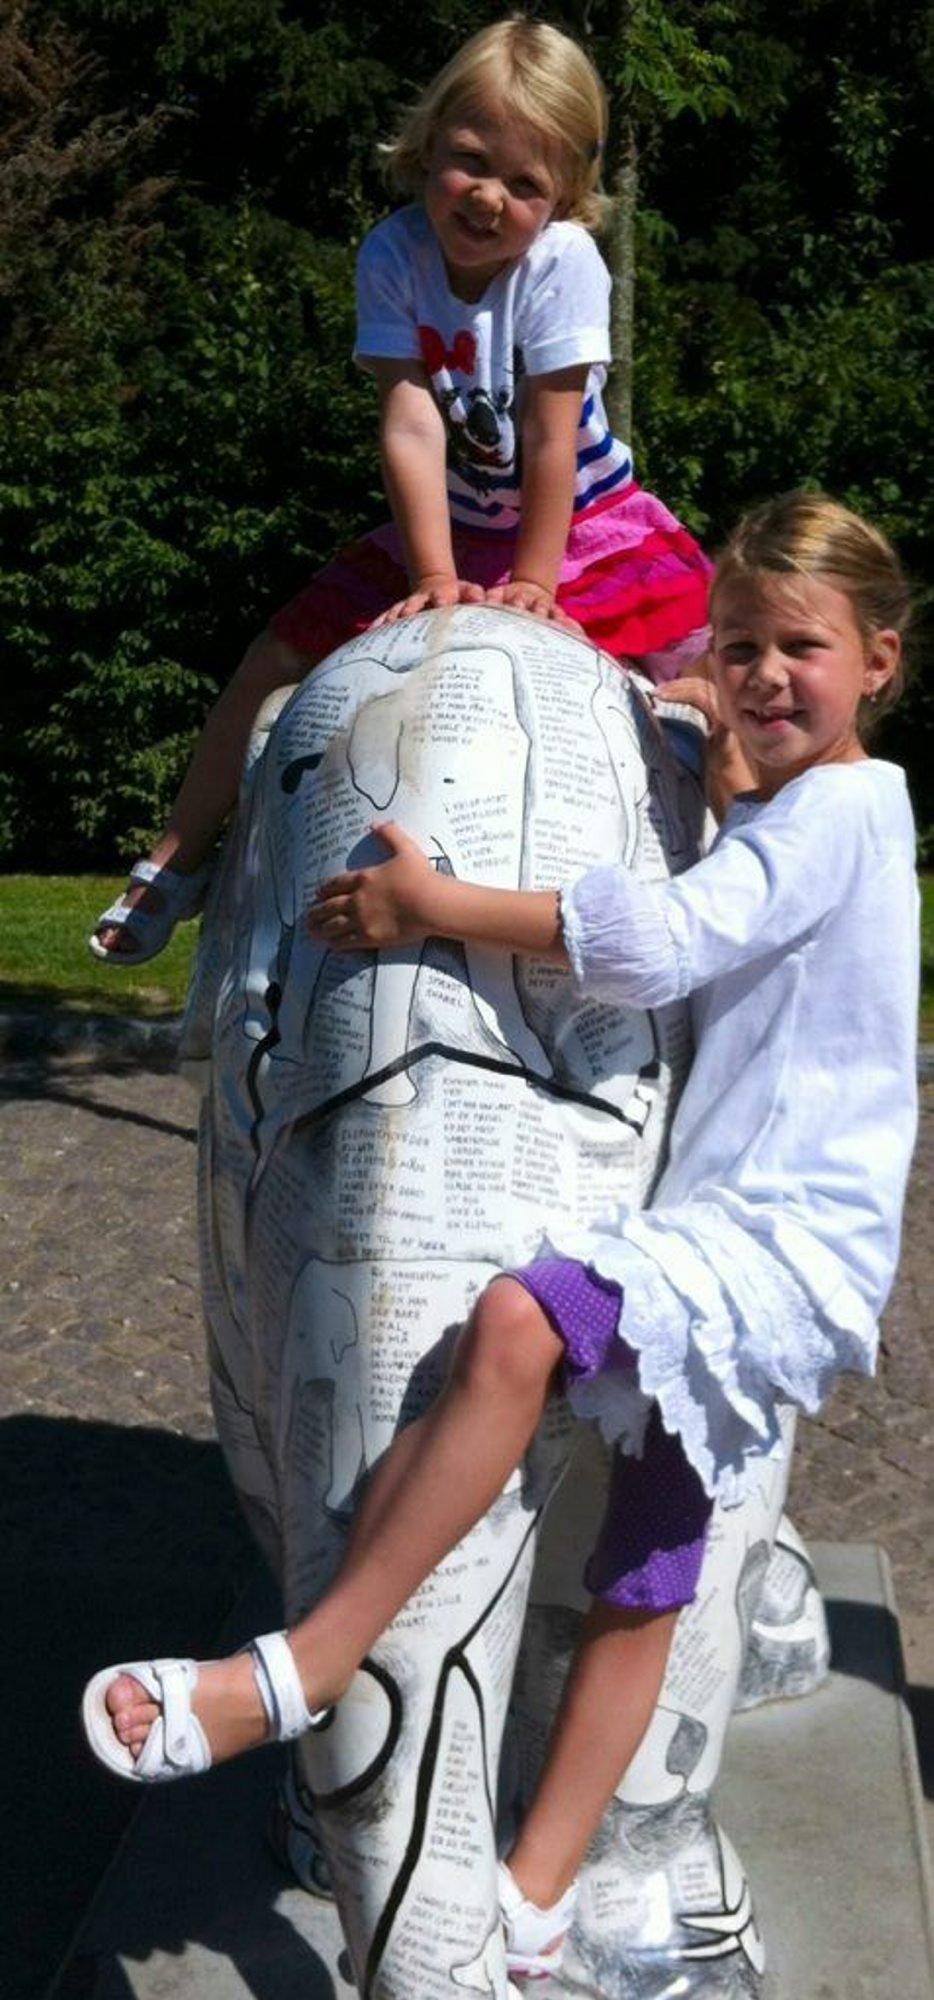 Hilsen fra København: Thelise og Selma sender en sommerhilsen fra Zoo i København. Gleder oss til å treffe alle vennene våre igjen! Foto: Mette Margrethe Hernæs (Foto: )